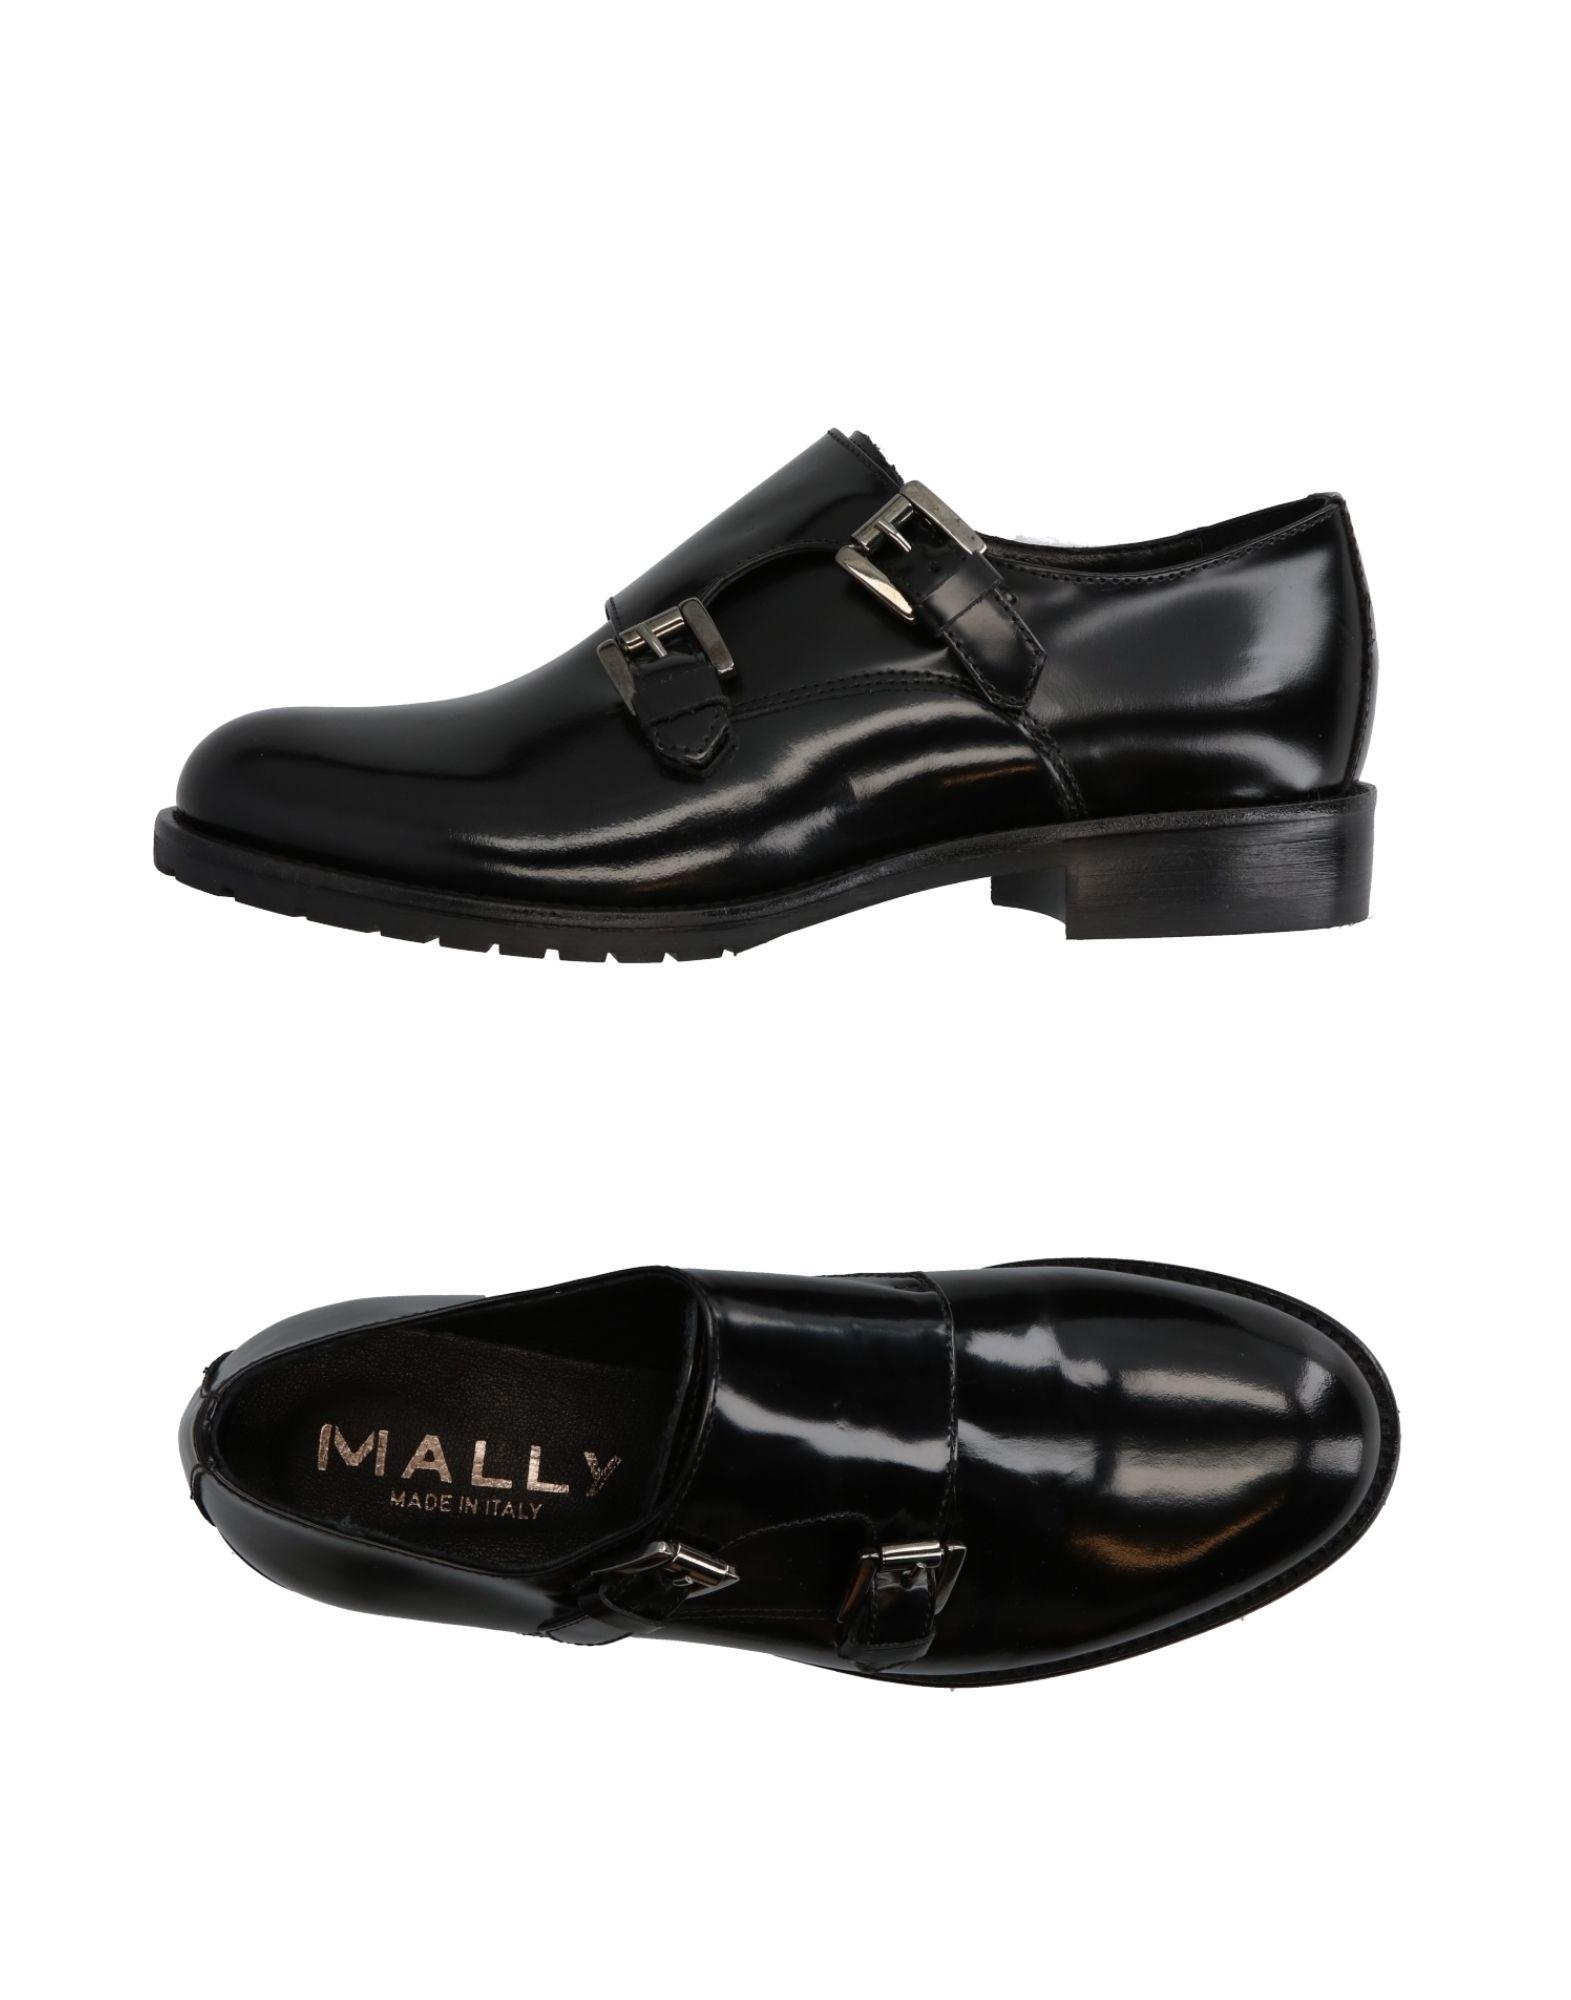 Mally Mokassins Damen beliebte  11305371KO Gute Qualität beliebte Damen Schuhe 2aa6c5